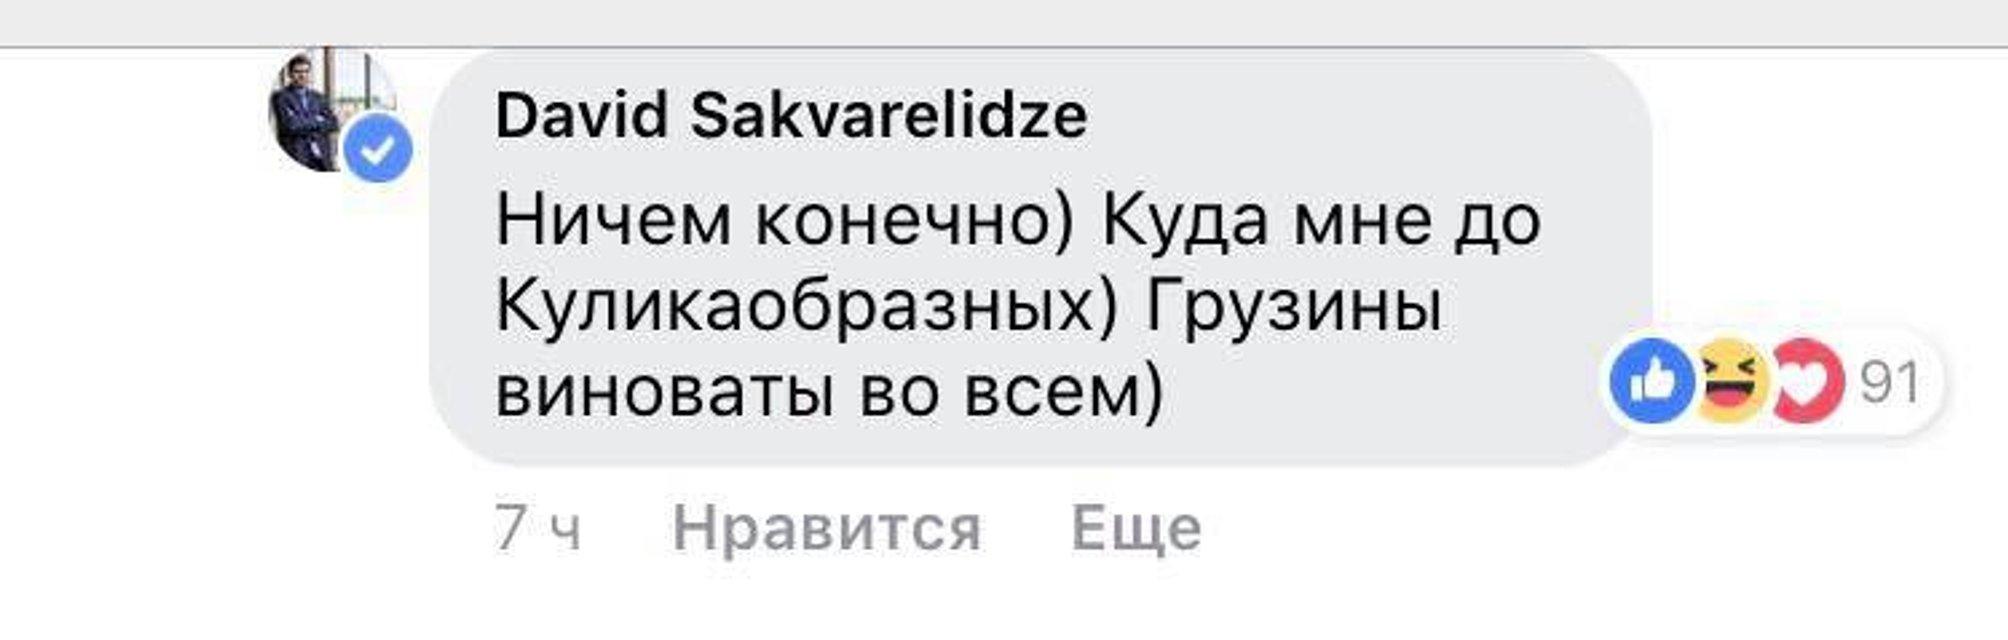 Пленки Онищенко: Луценко попытался оправдать себя - фото 121010